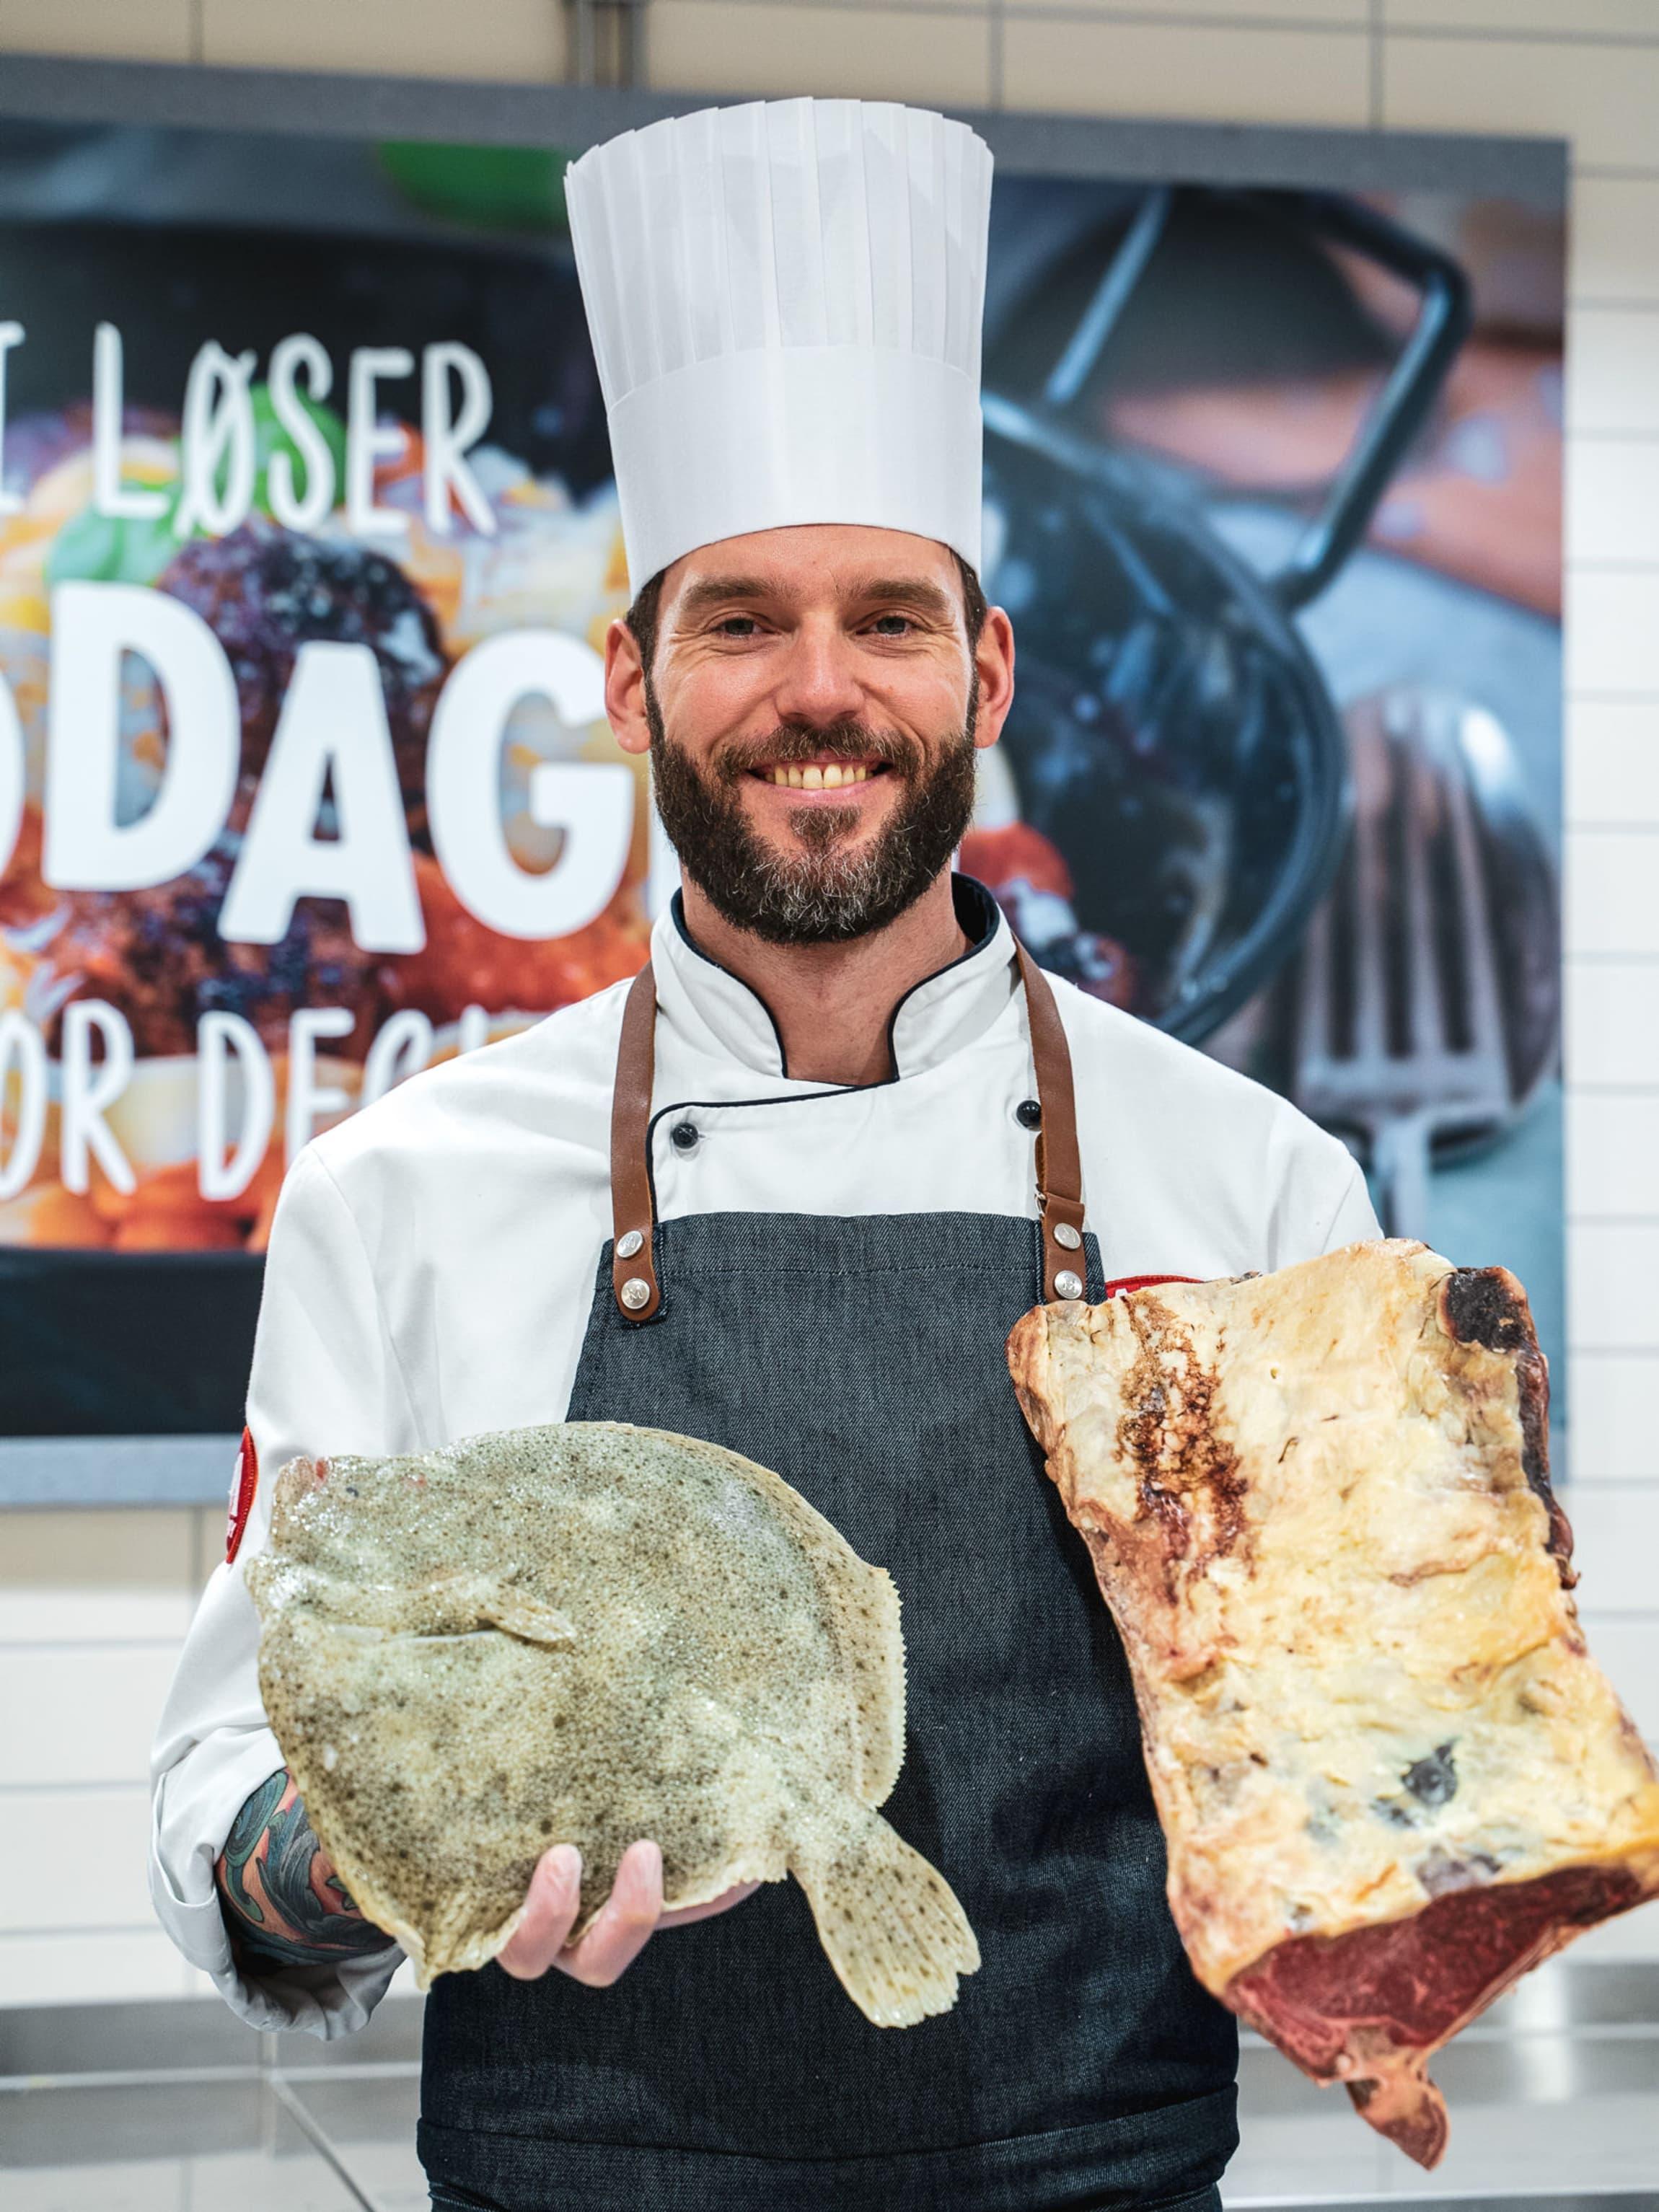 Med tre fagbrev har Ståle Sandvik det meste om både kjøtt og fisk.